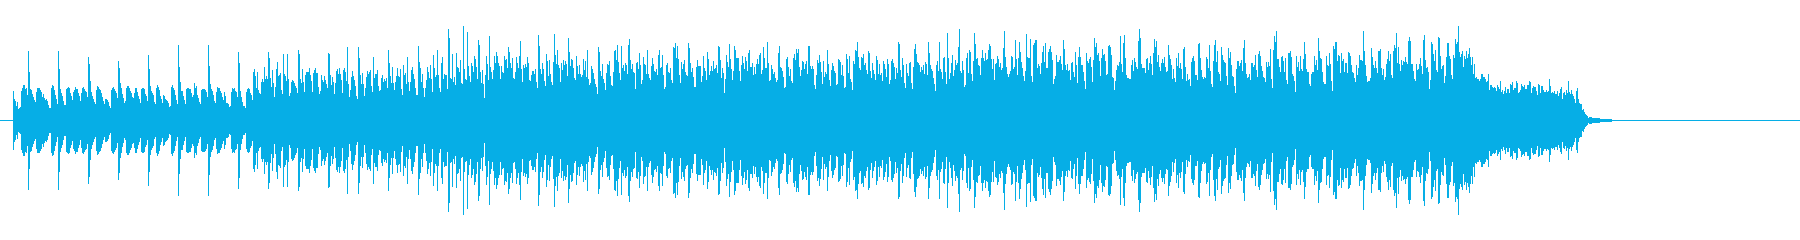 不思議なうねりを持った、せり上がるBGMの再生済みの波形